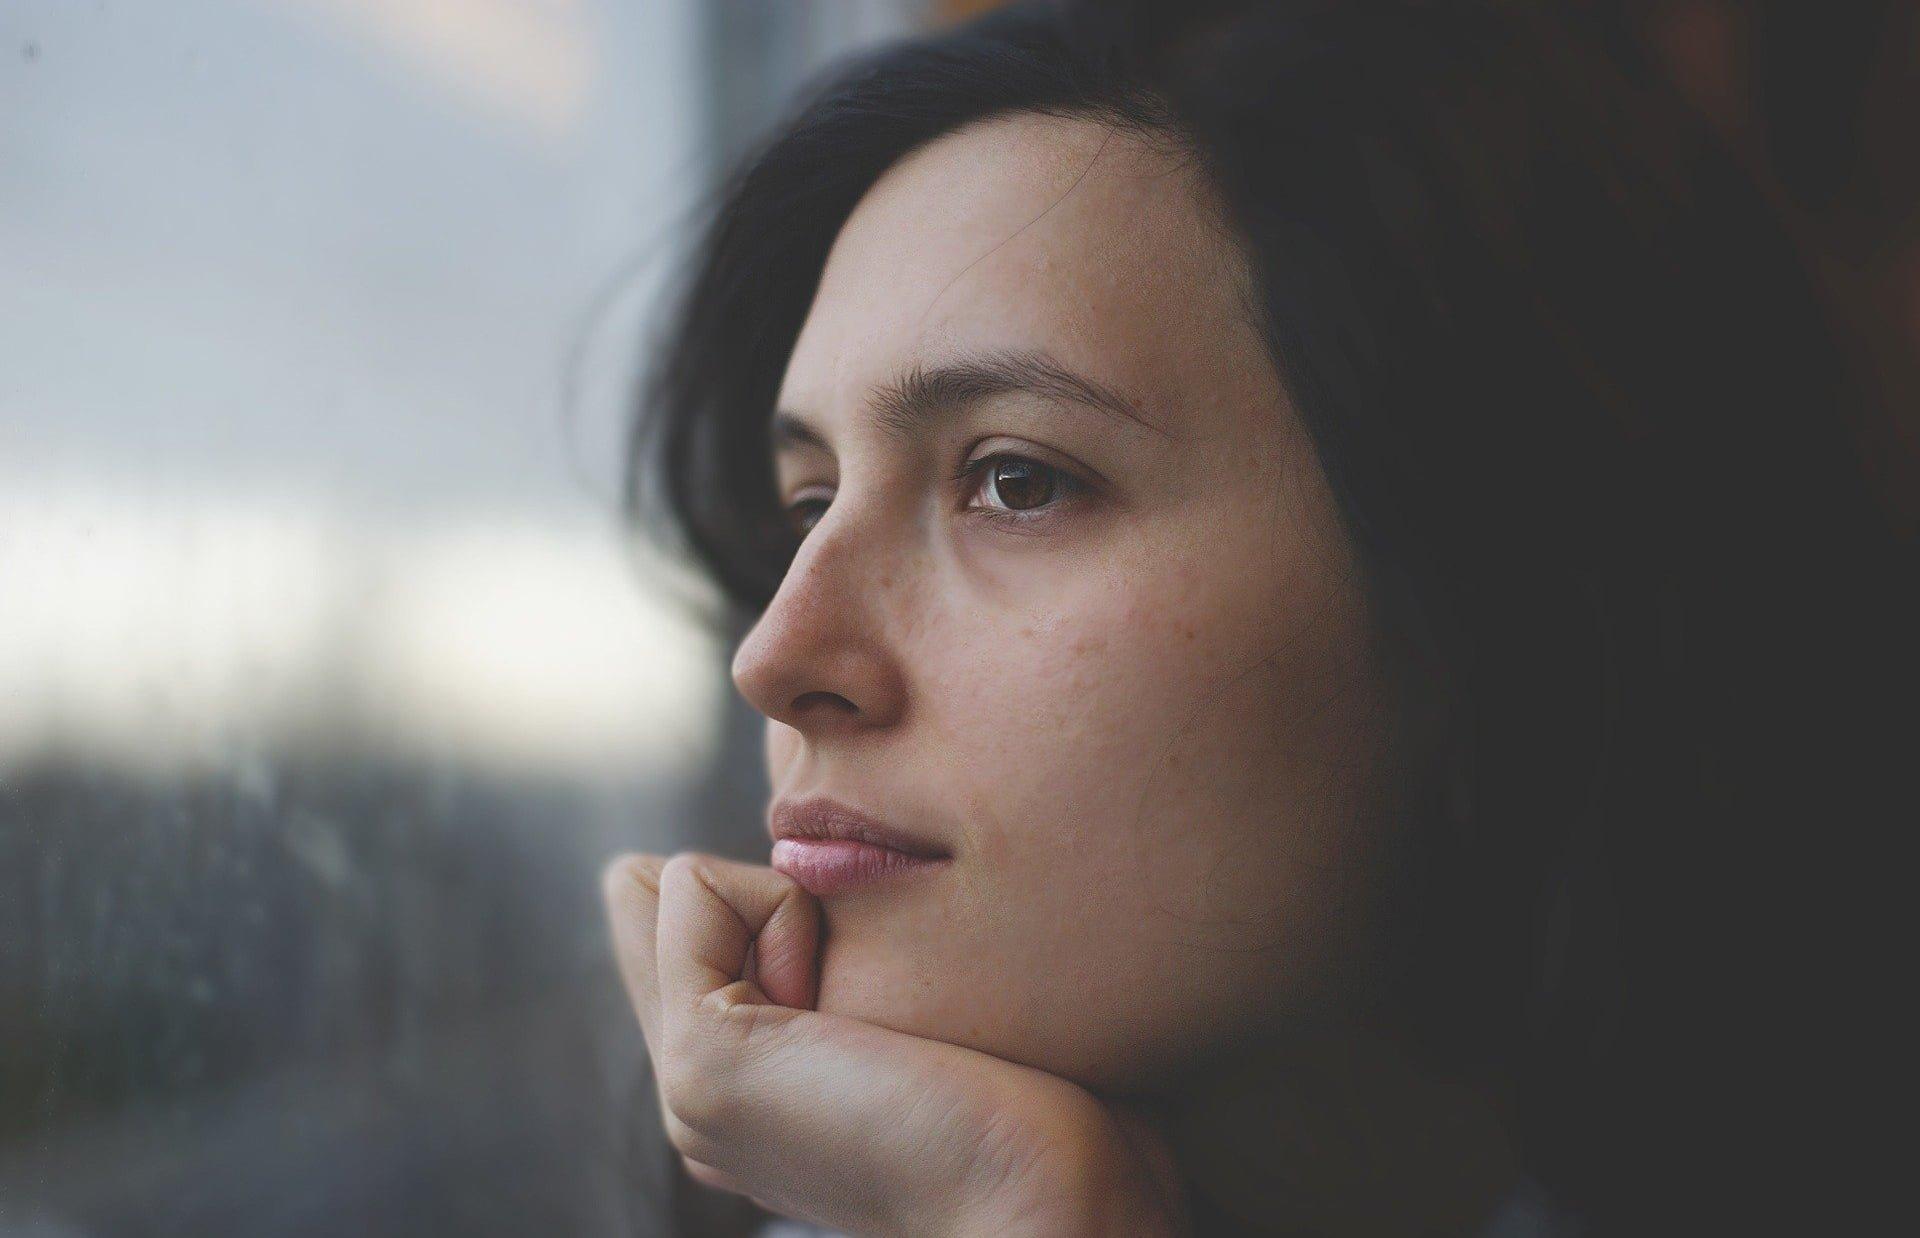 Kobieta spoglądająca przez szybę